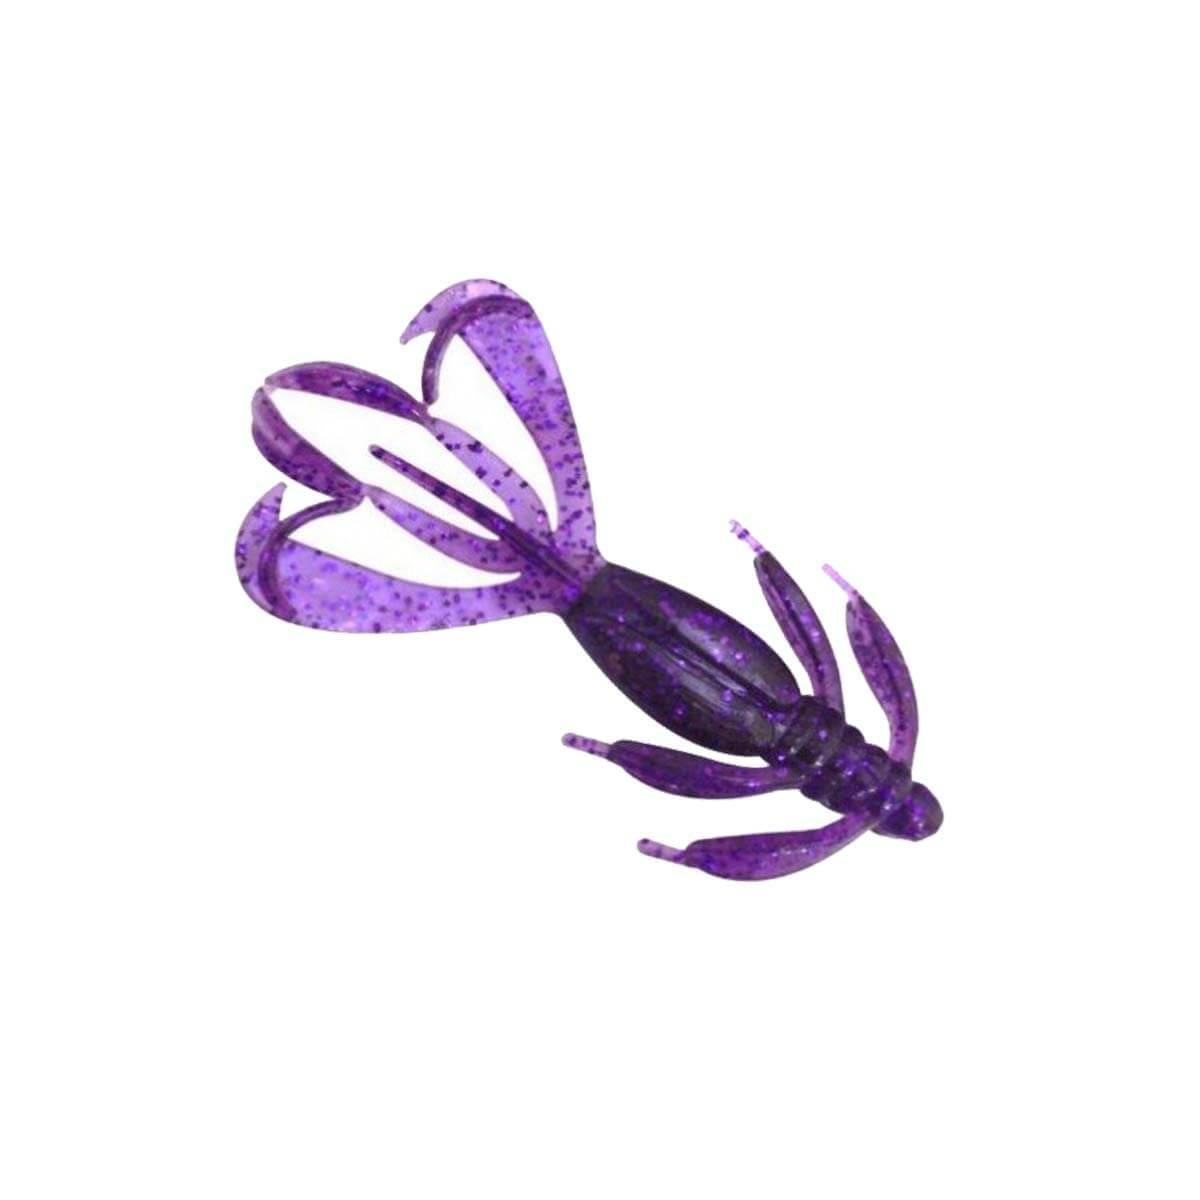 Isca Artificial Camalesma Crazzy Move 9 cm  - Pró Pesca Shop